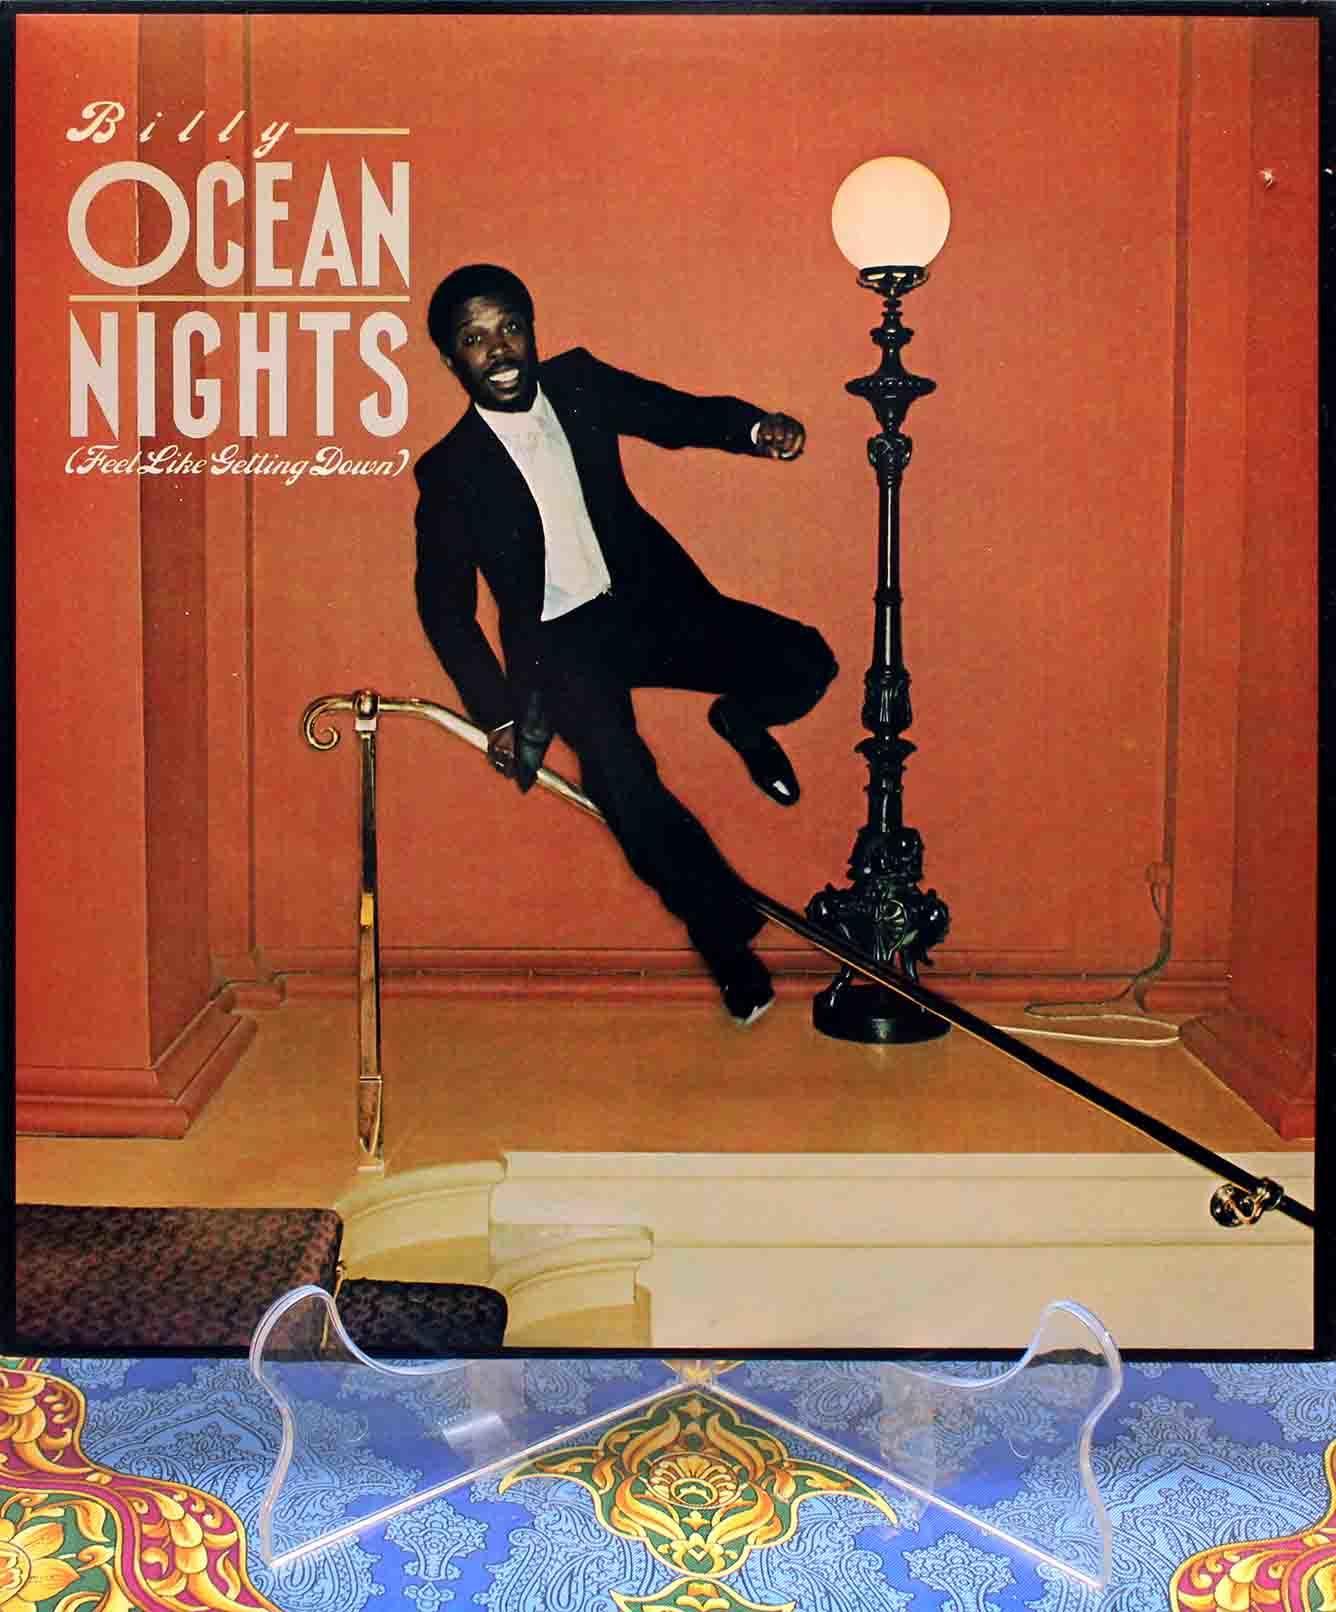 Billy Ocean night lp 01